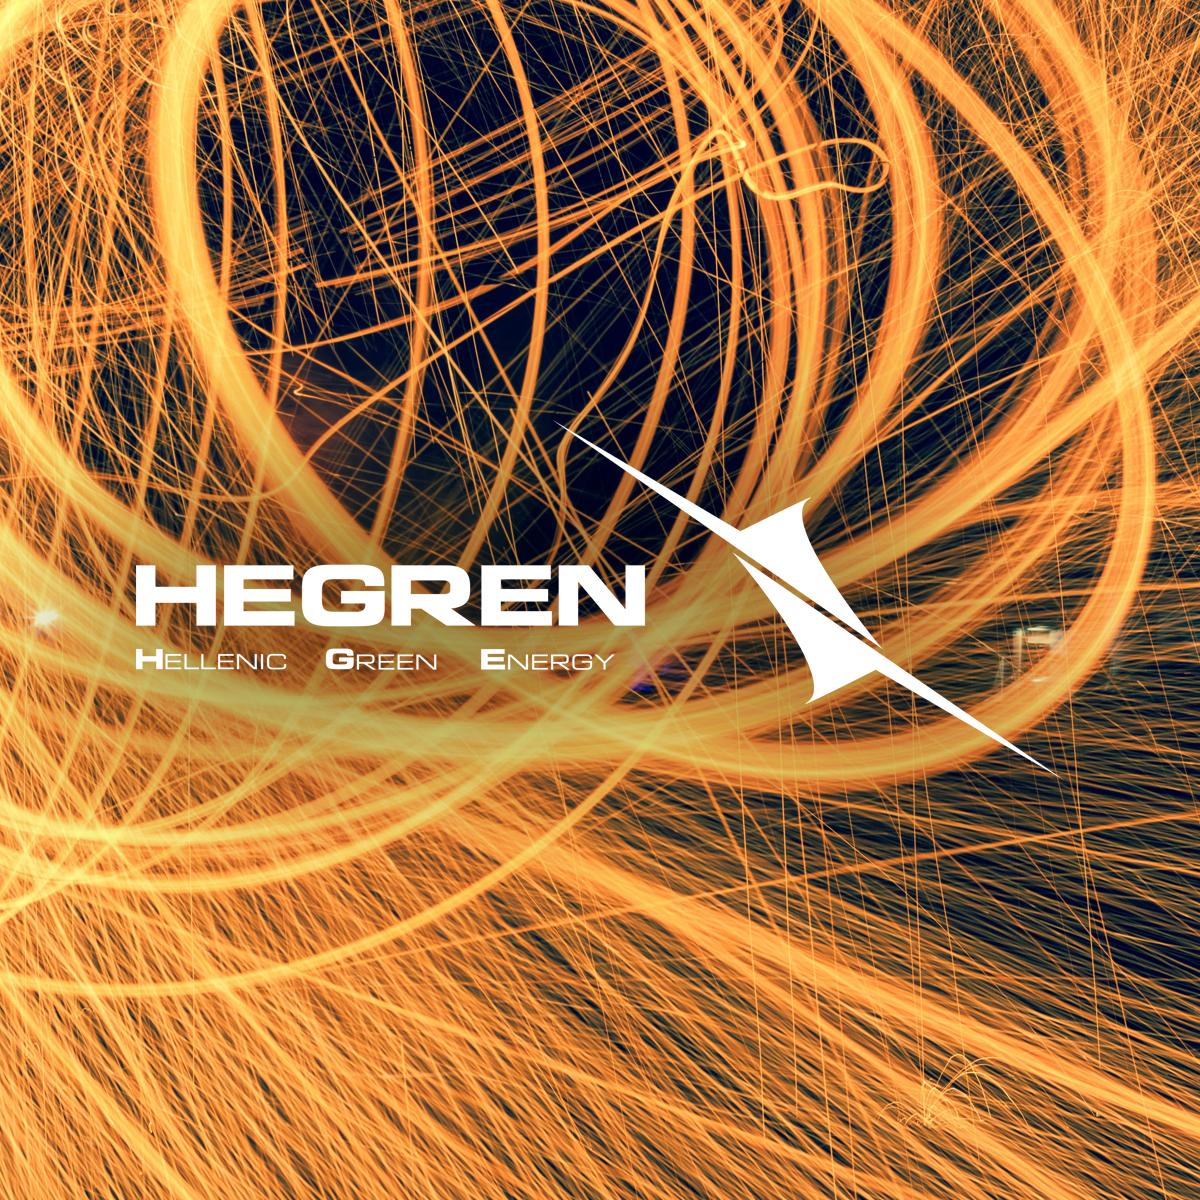 hegren-light-image_logo-1200x1200.jpg